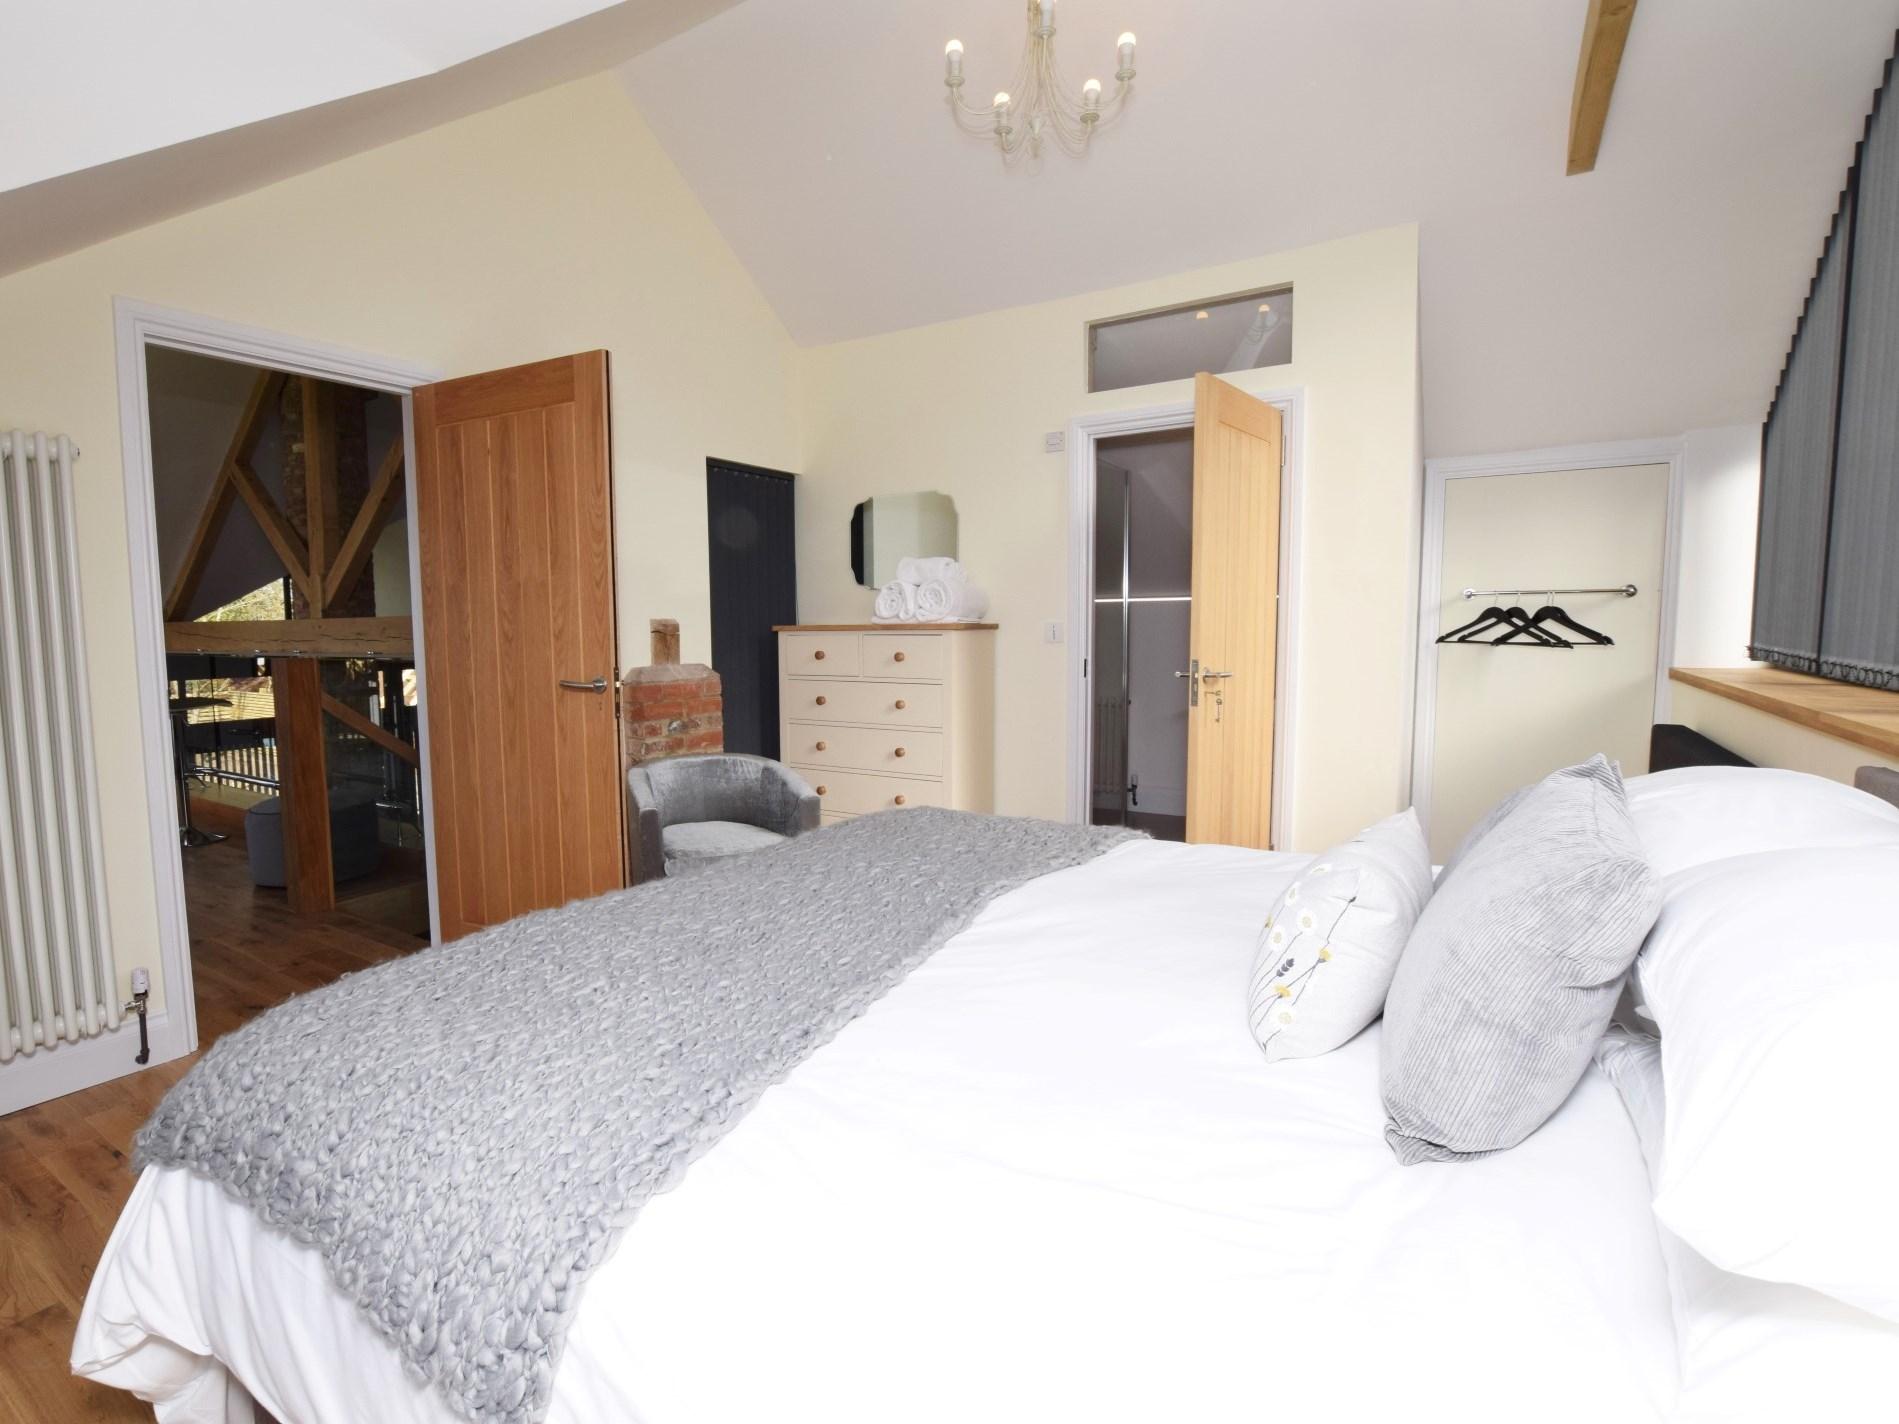 Super-king-size bedroom via snug